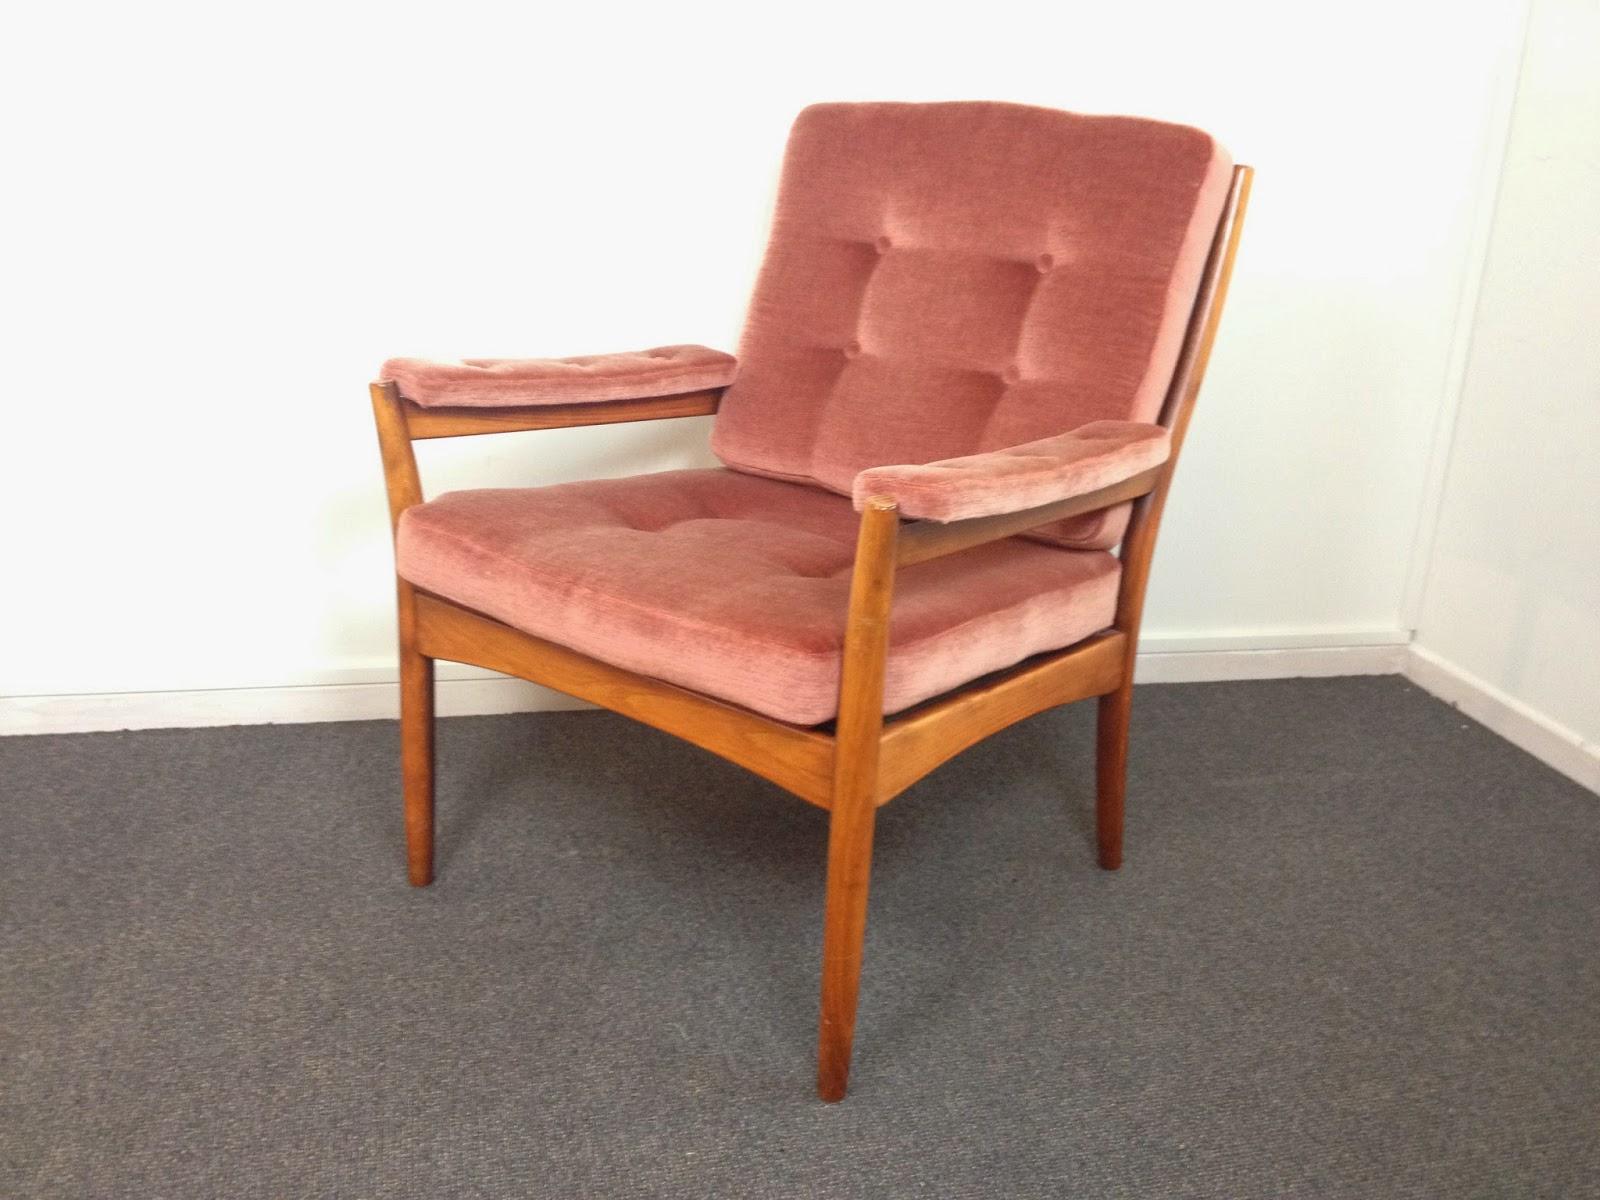 tolve art design lounge chair by g m bel in sweden. Black Bedroom Furniture Sets. Home Design Ideas